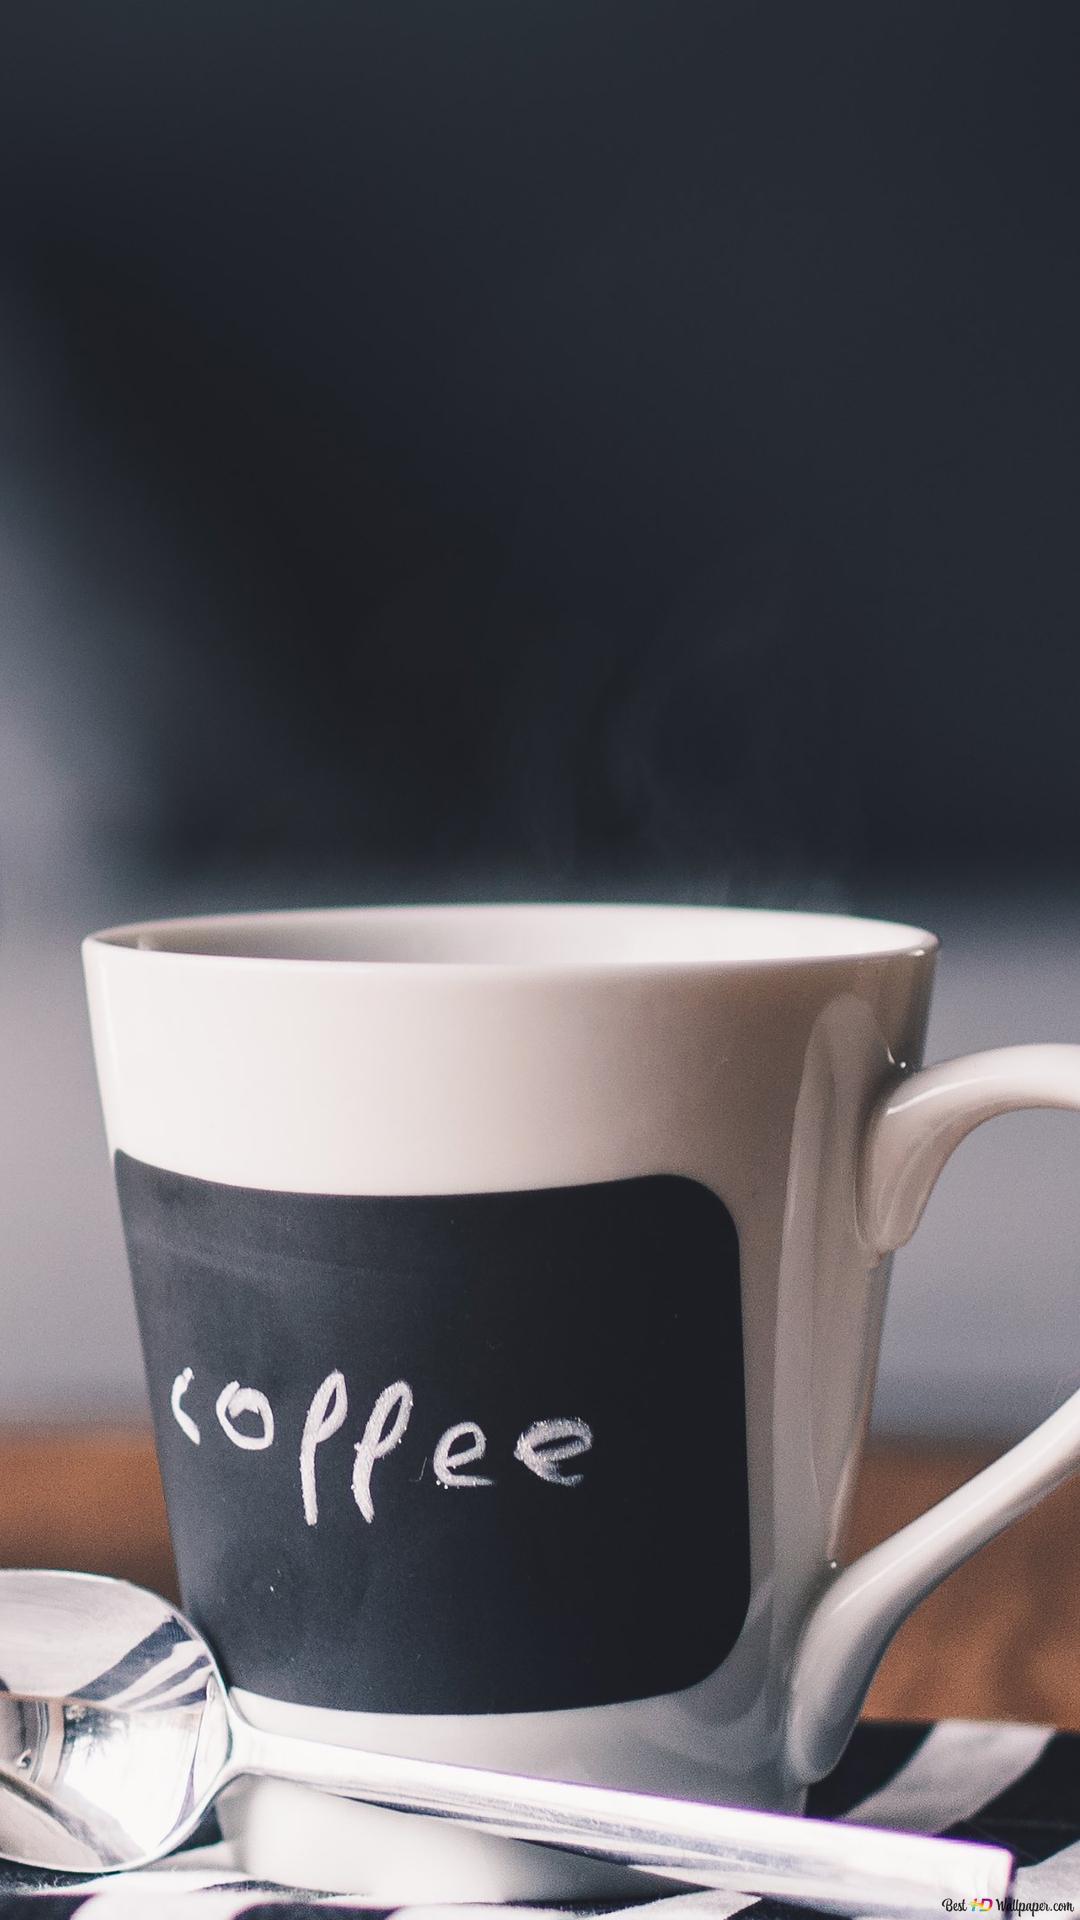 コーヒーが必要ですか Hd壁紙のダウンロード